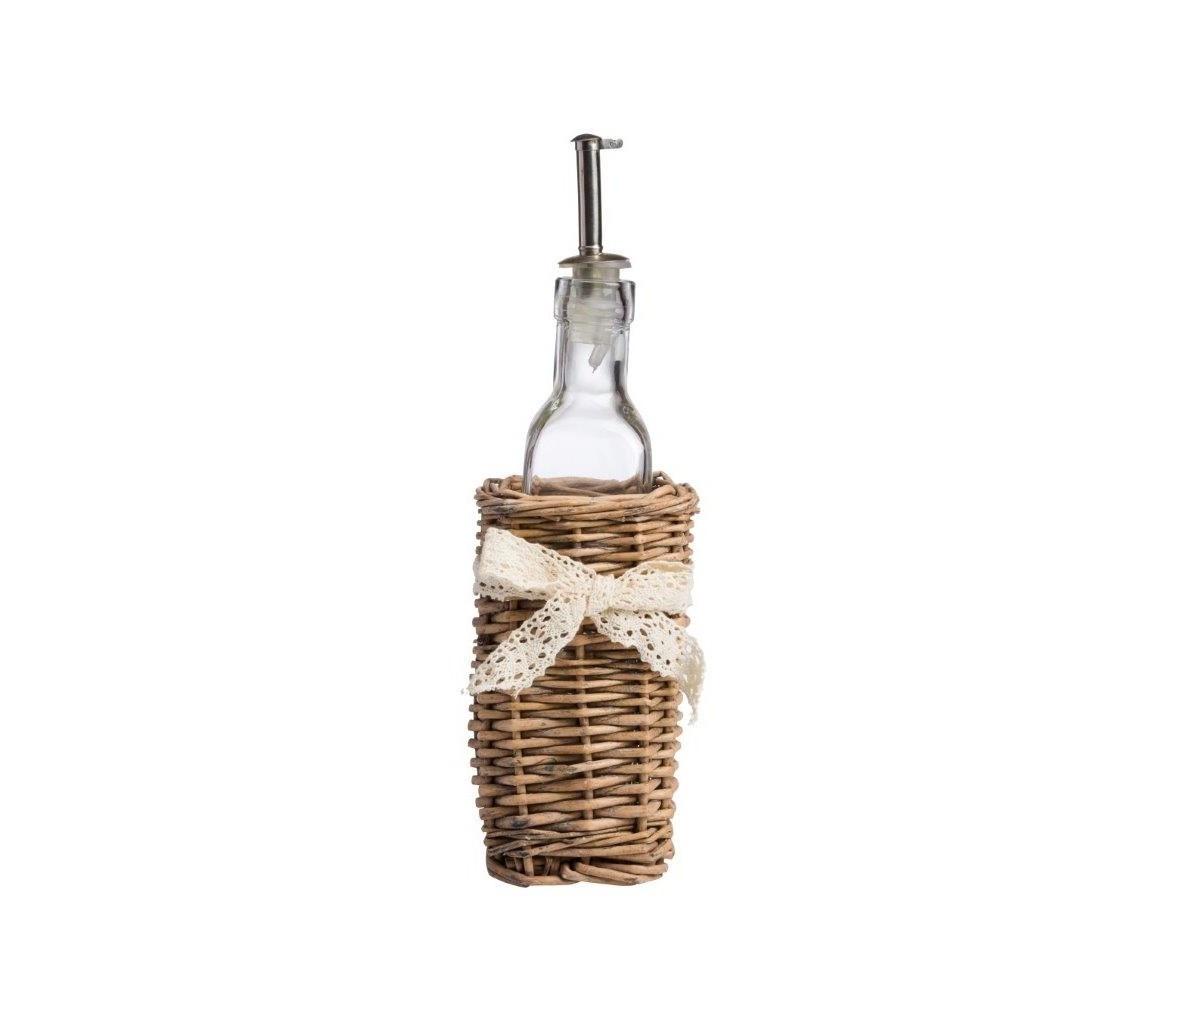 Бутылка для жидких приправ с дозатором CandiceЕмкости для хранения<br>Эстетичная бутылка для жидких приправ изготовлена из стекла с металлическим дозатором, нижняя часть бутылки помещена в плетеную корзинку, изыскано перевязанную кружевной ленточкой, лаконично впишется в интерьер кухни.<br><br>Material: Стекло<br>Width см: 7<br>Depth см: 7<br>Height см: 21